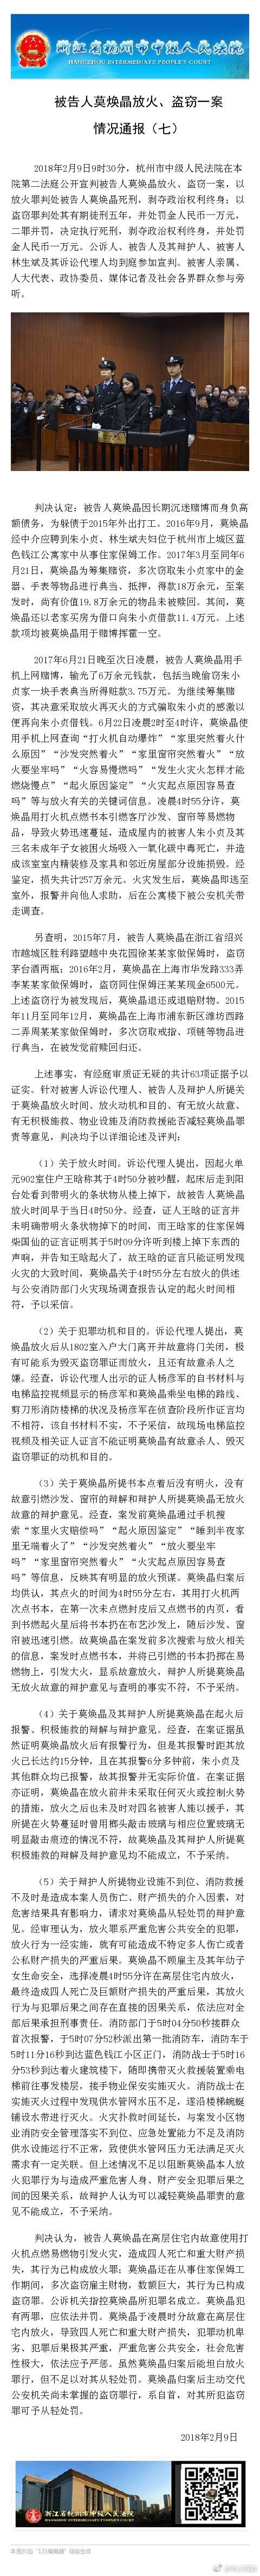 杭州保姆纵火案新进展:莫焕晶一审被判死刑